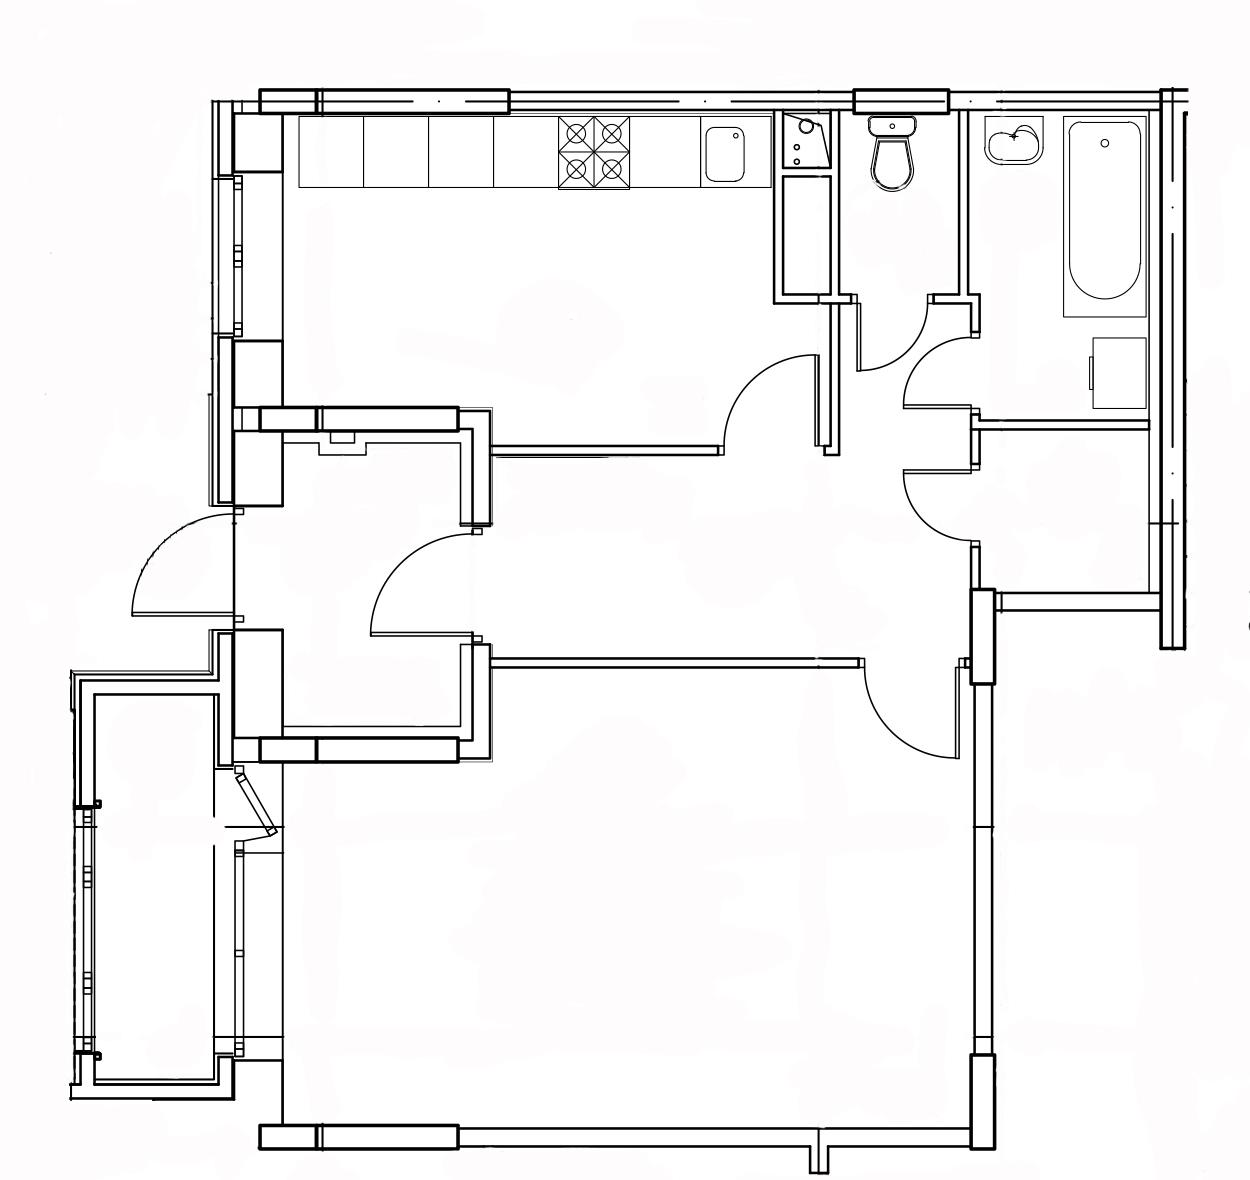 1-комнатная квартира в Митино О2, дом №8, квартира №08-438